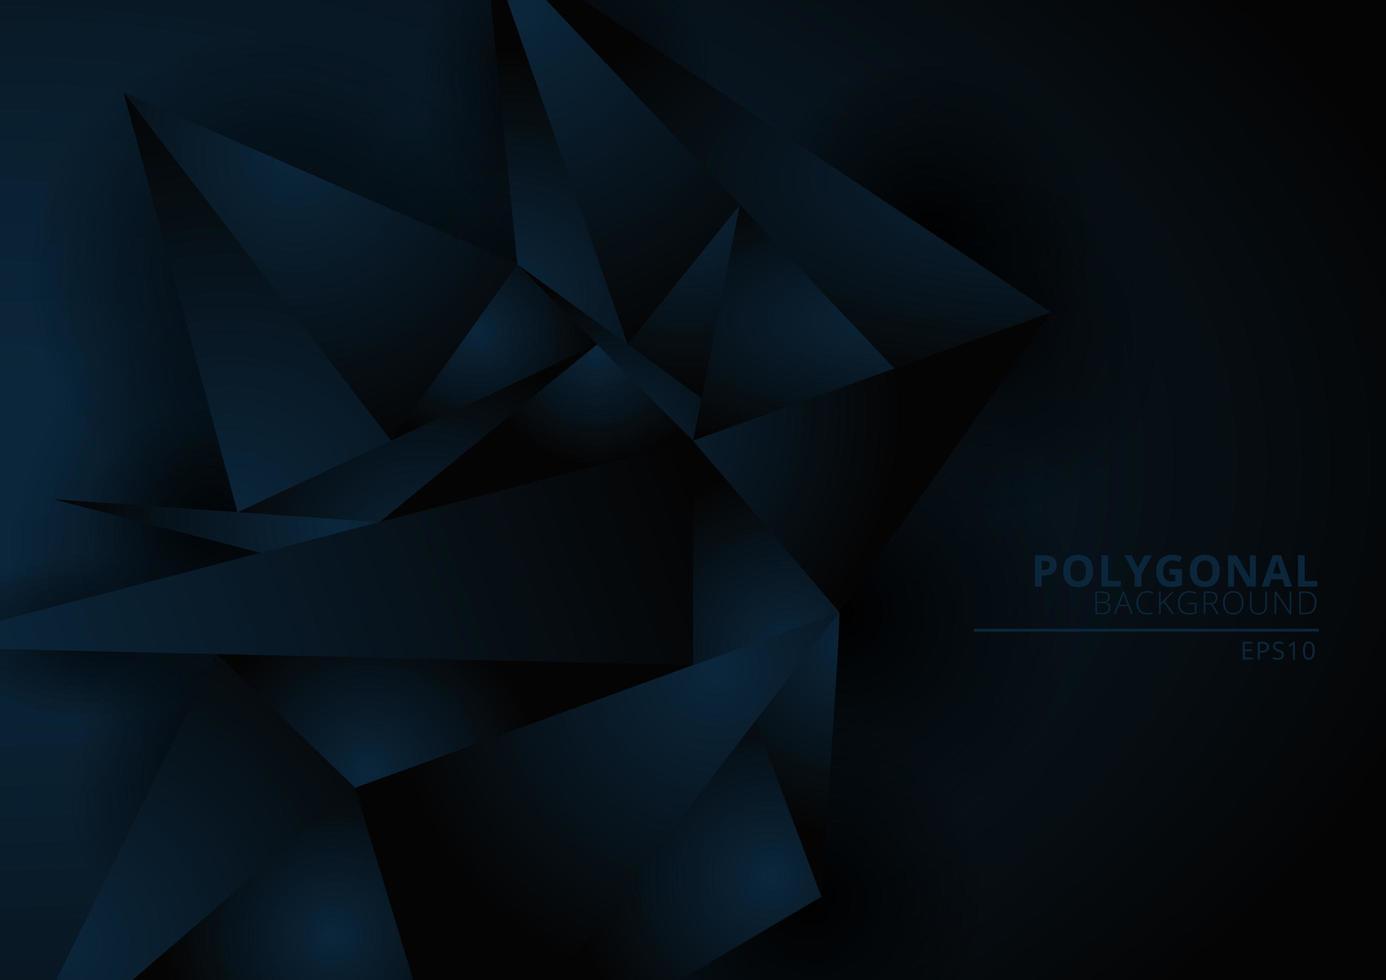 fond abstrait forme polygonale géométrique bleu foncé vecteur